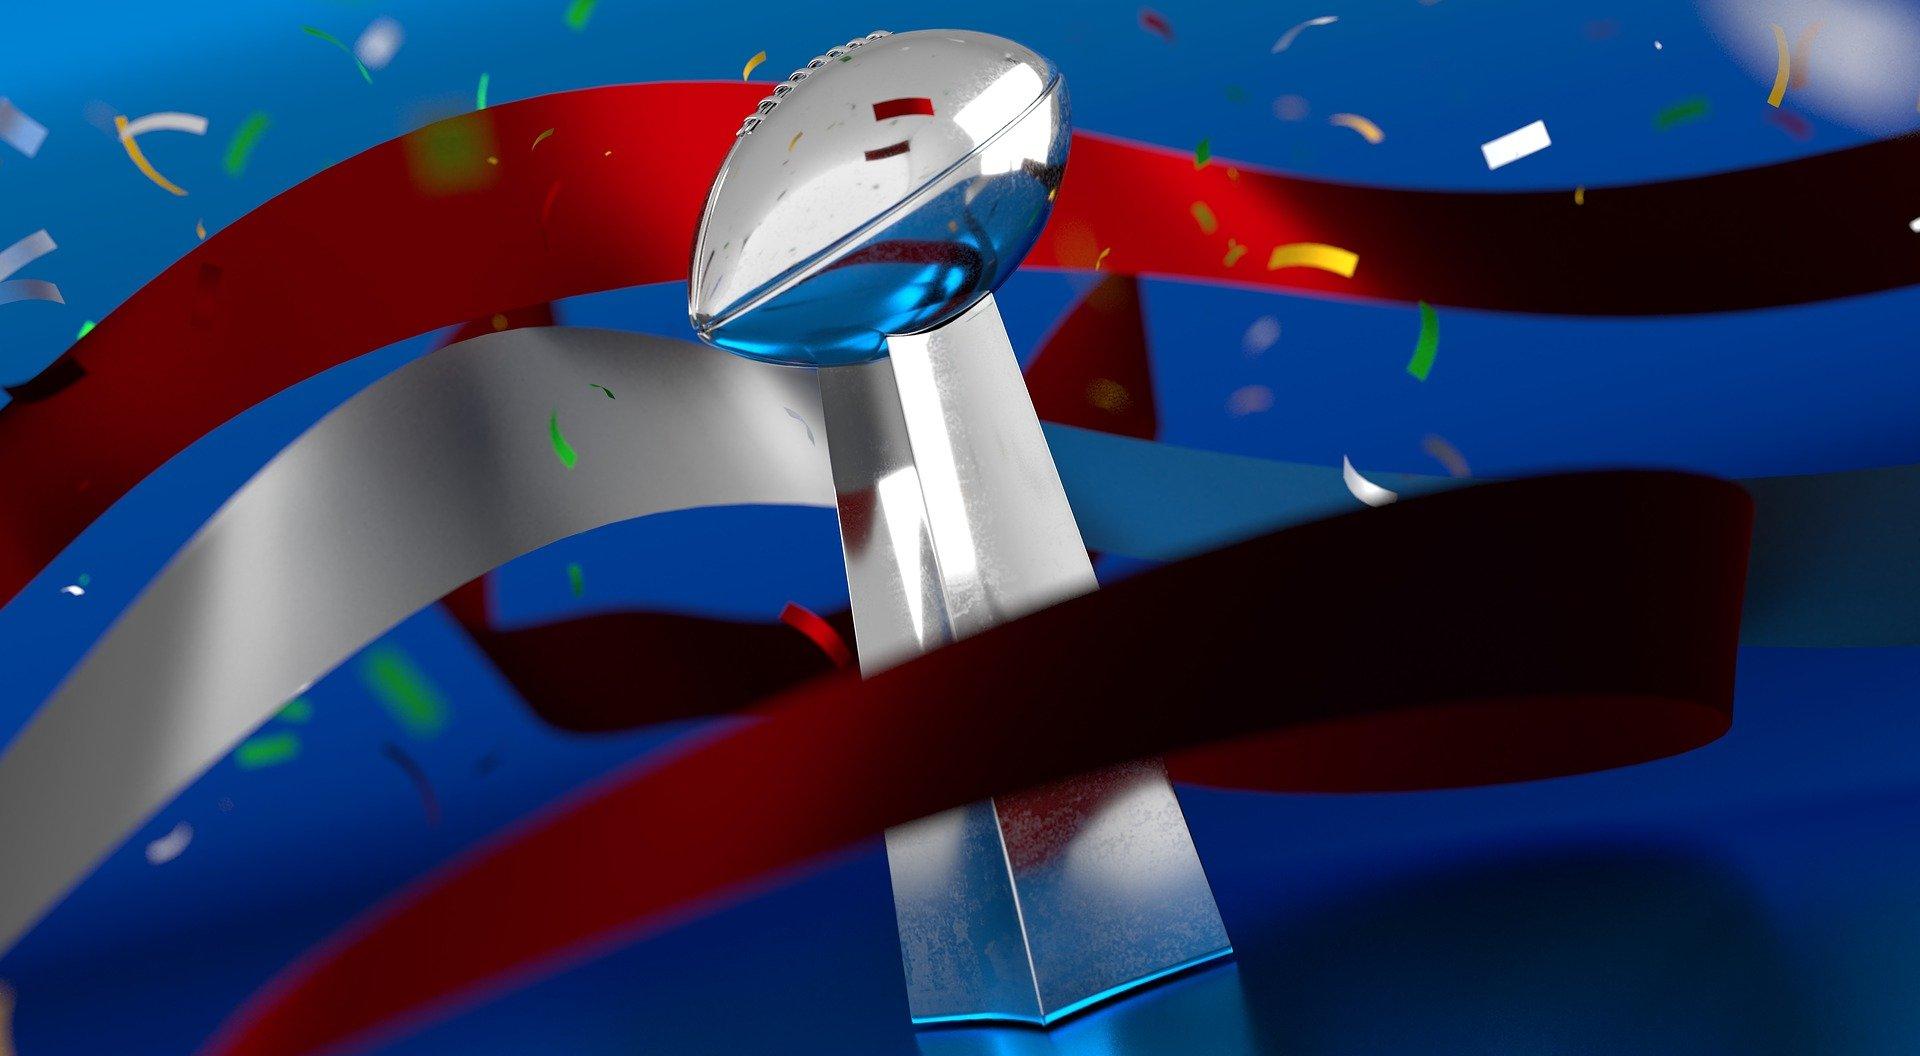 Quanto guadagna Tom Brady: patrimonio e stipendio del giocatore